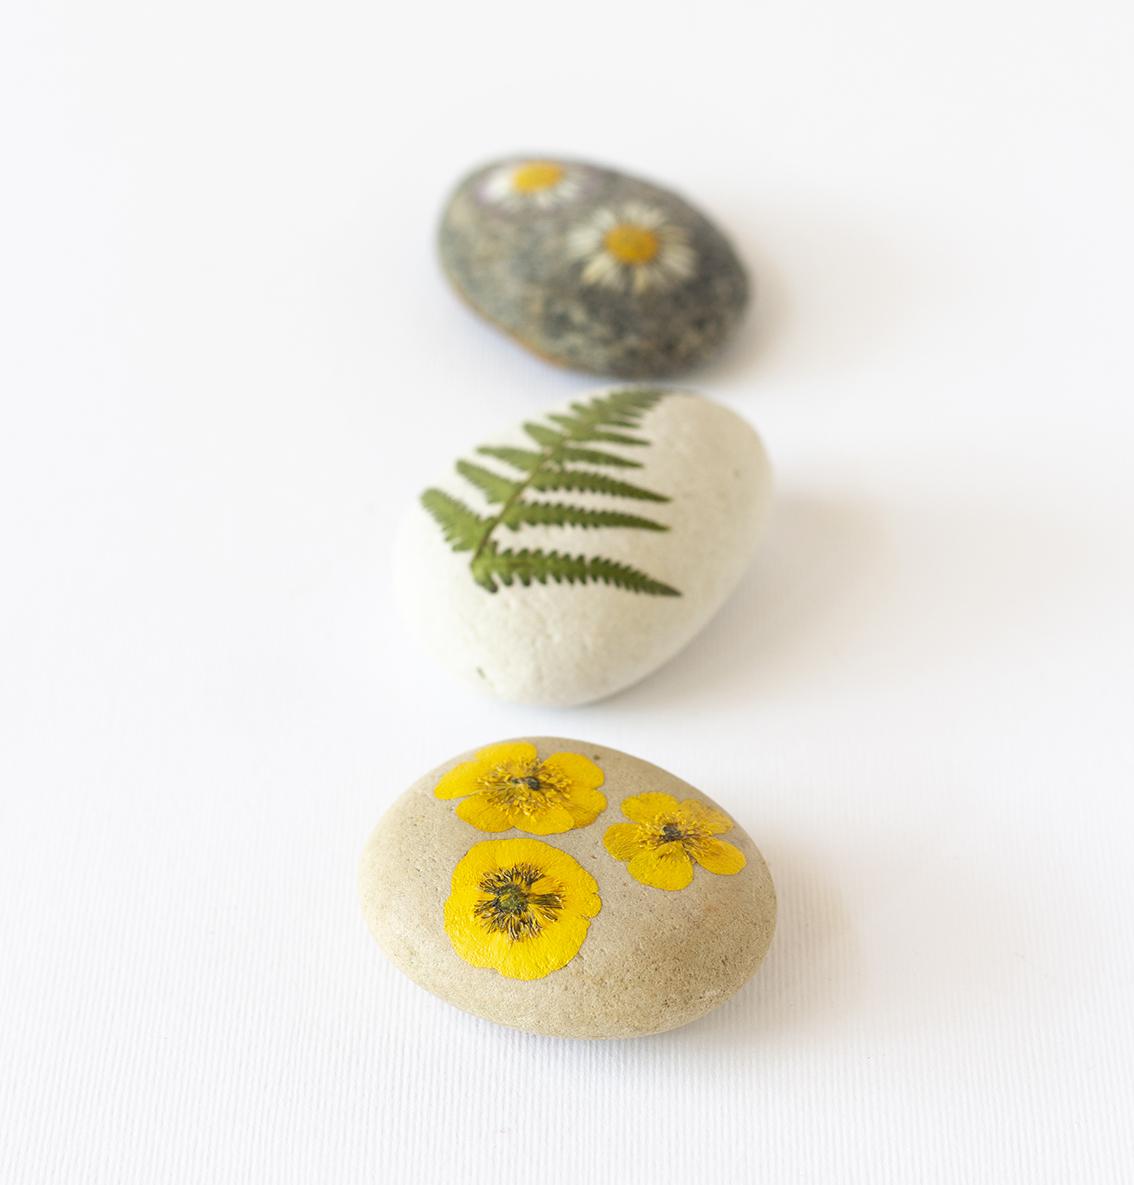 Blommor på sten | Pysselbolaget